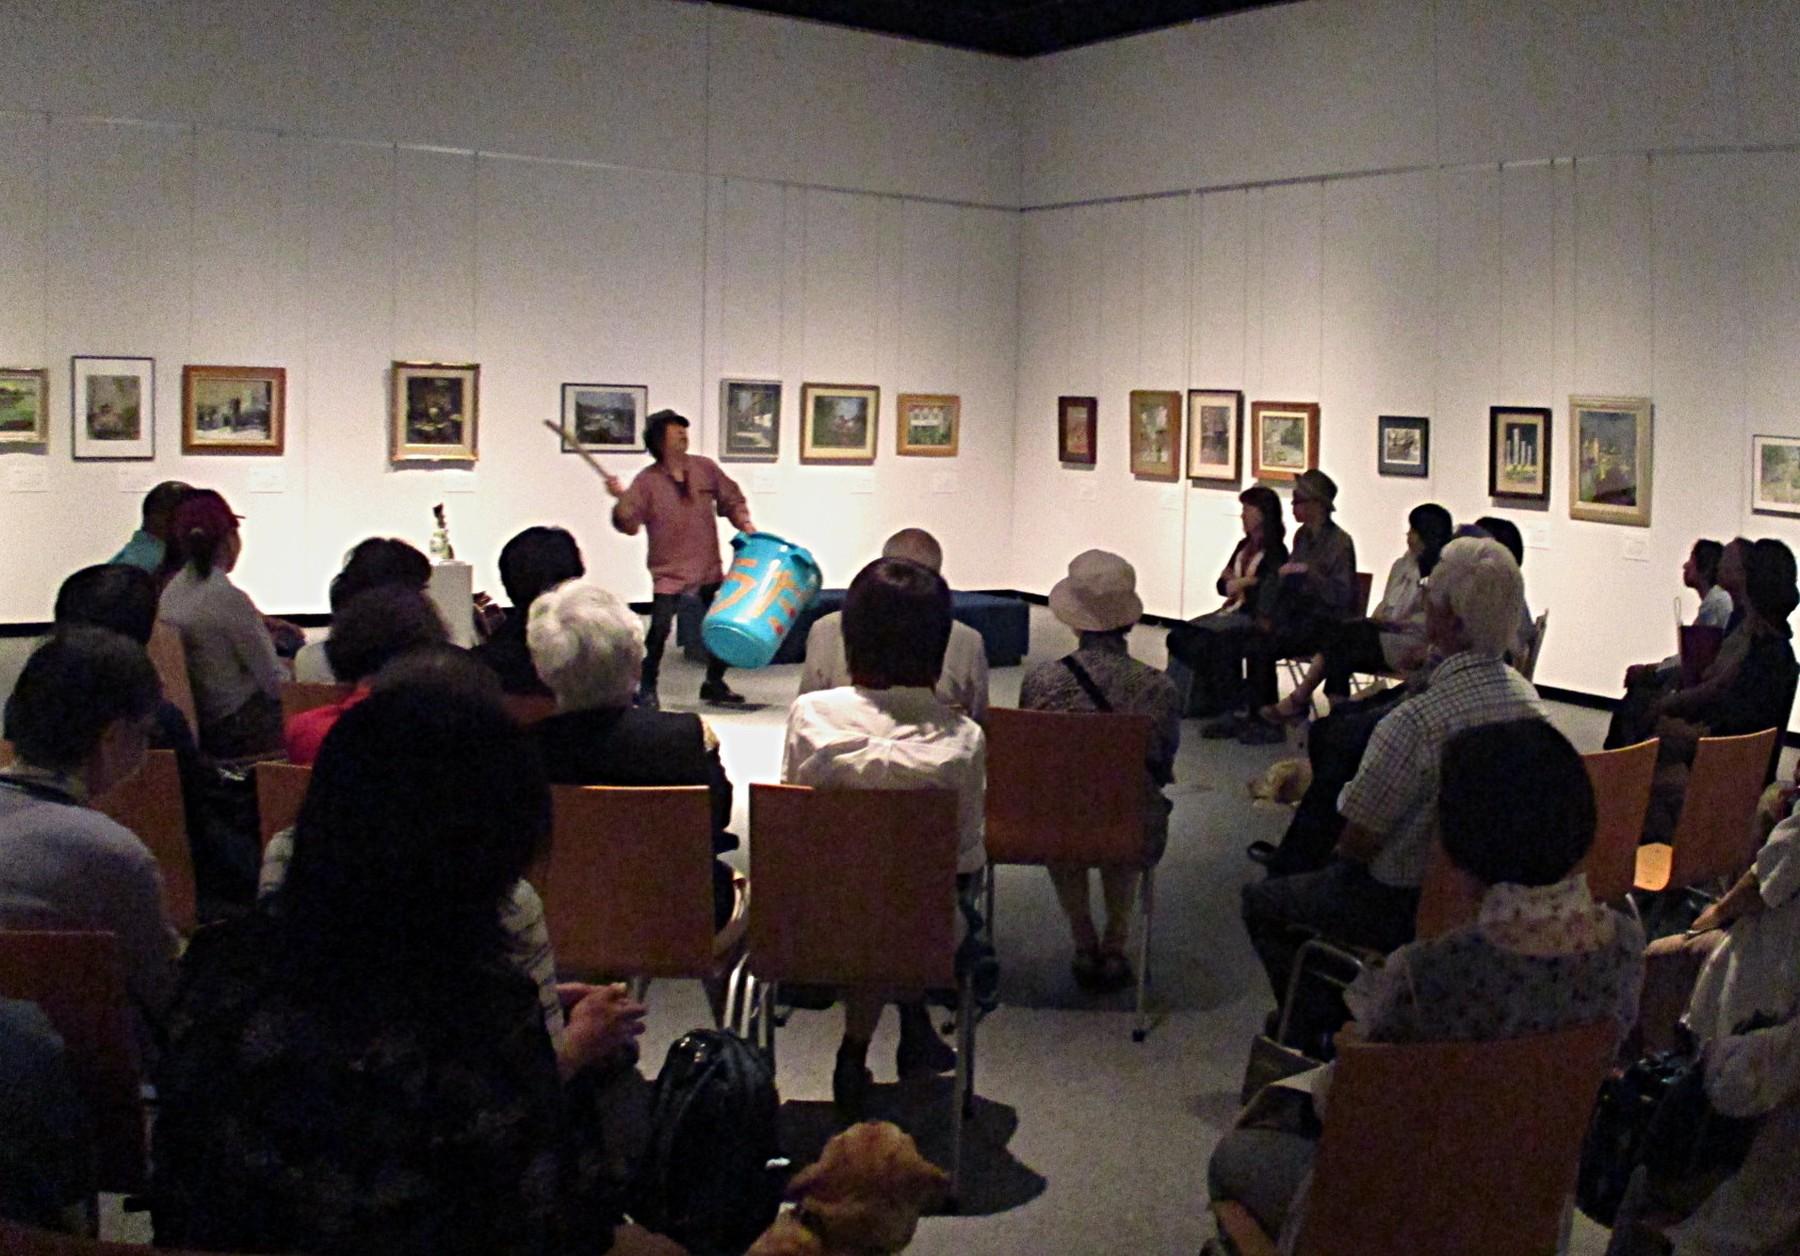 2016年に実施した昭和後期の新潟の風景画を扱った展覧会では、展示会場で音と詩のライブイベントを開催。